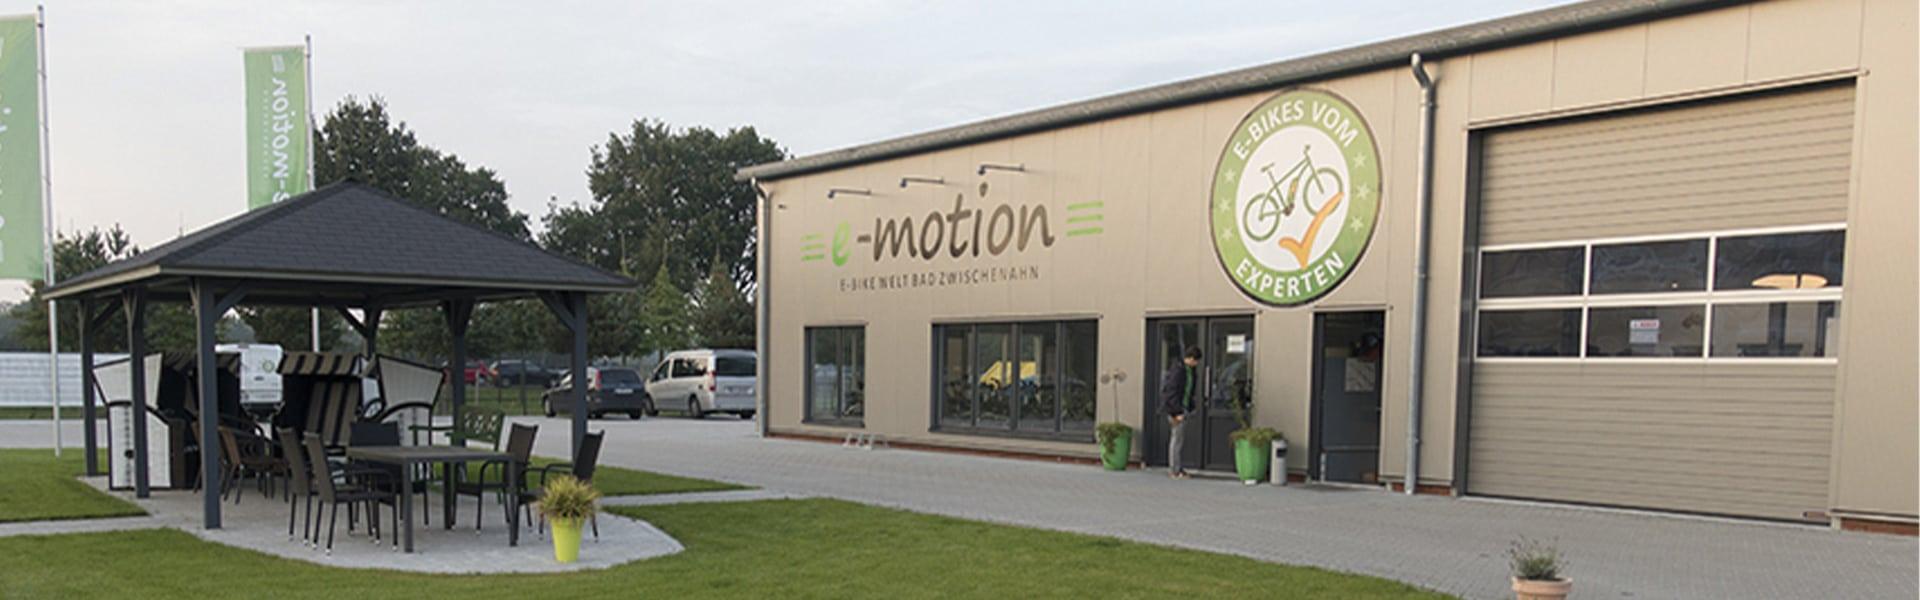 Der Shop der e-motion e-Bike Welt Bad Zwischenahn